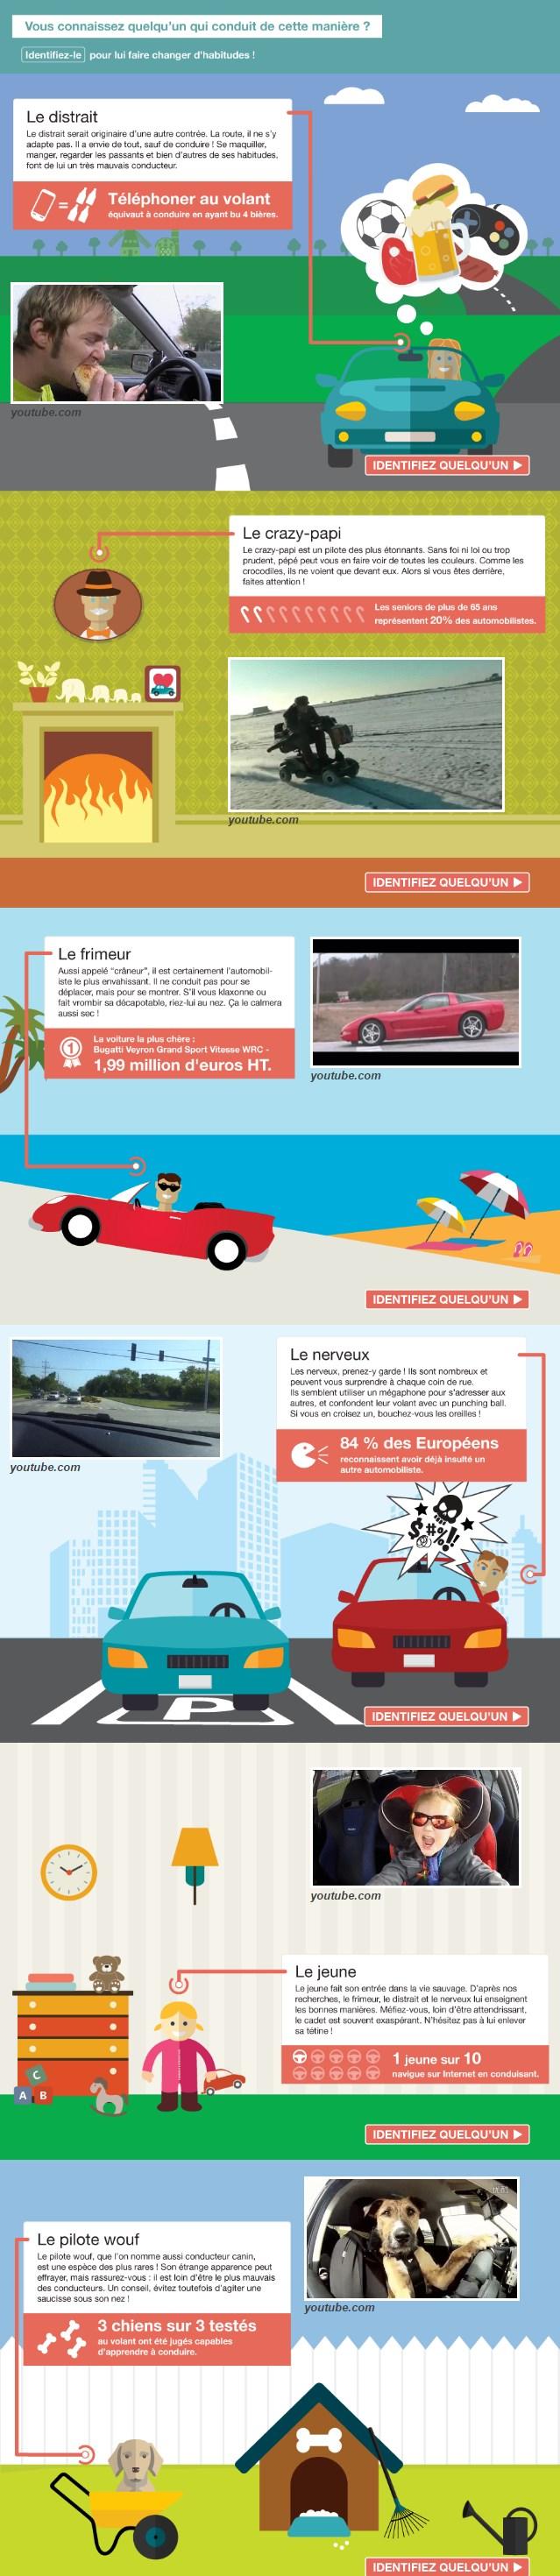 infographie mauvais conducteur